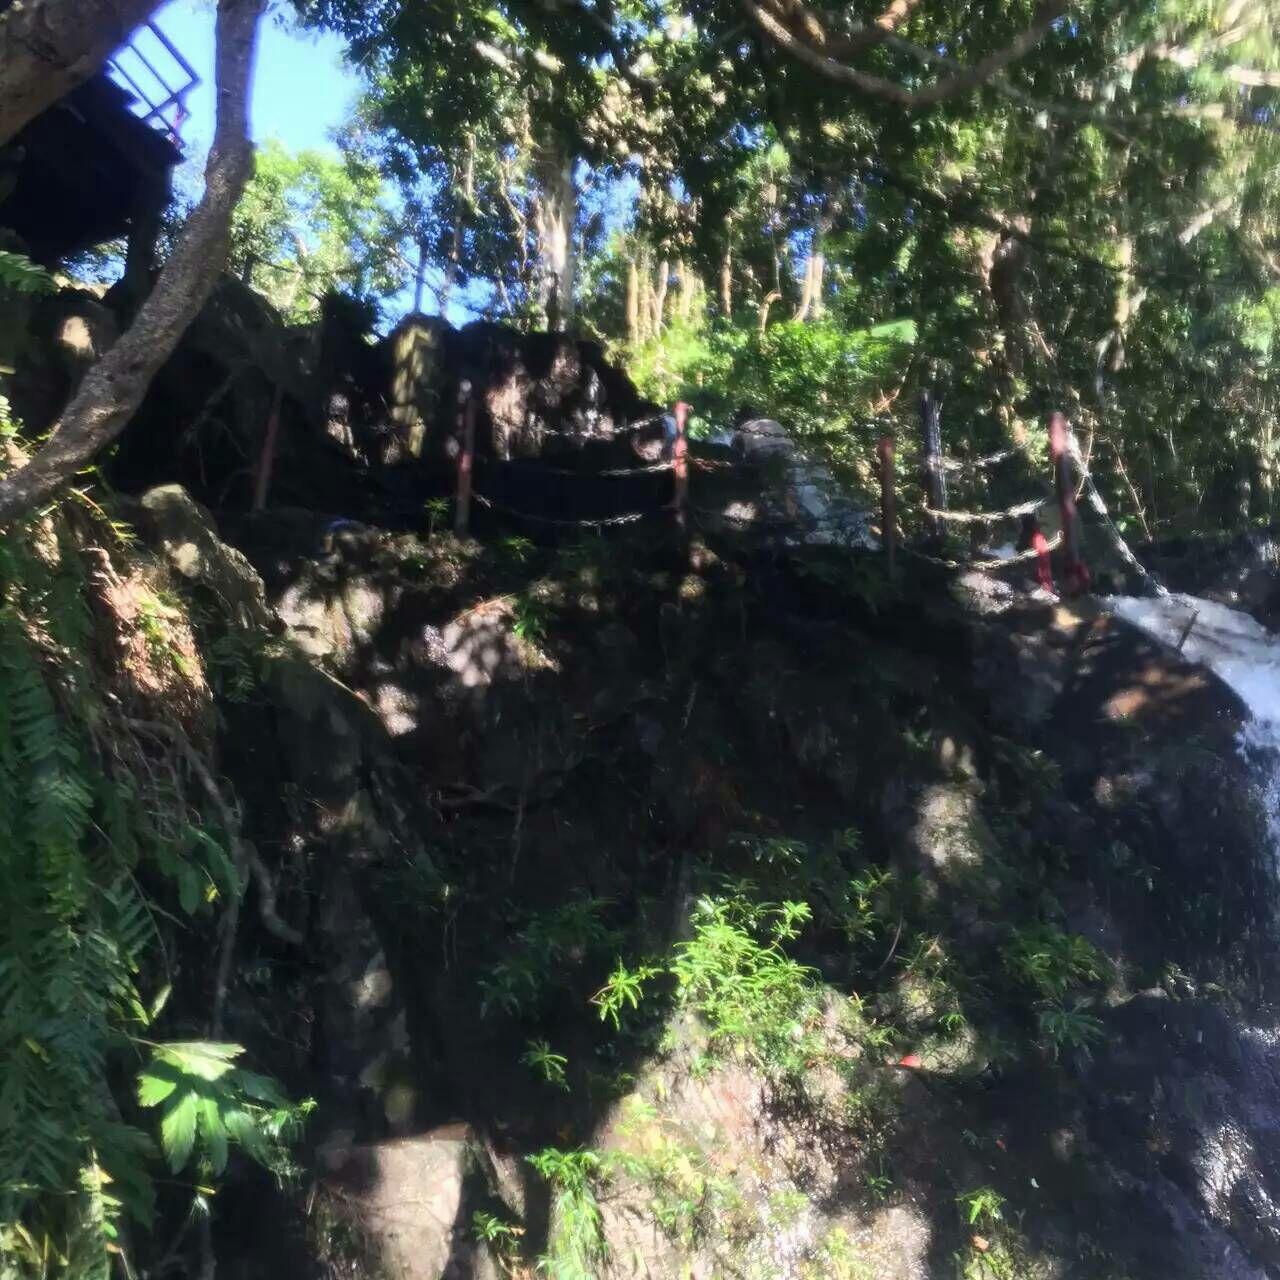 呀诺达热带雨林景区是由世界著名设计机构和中国最具